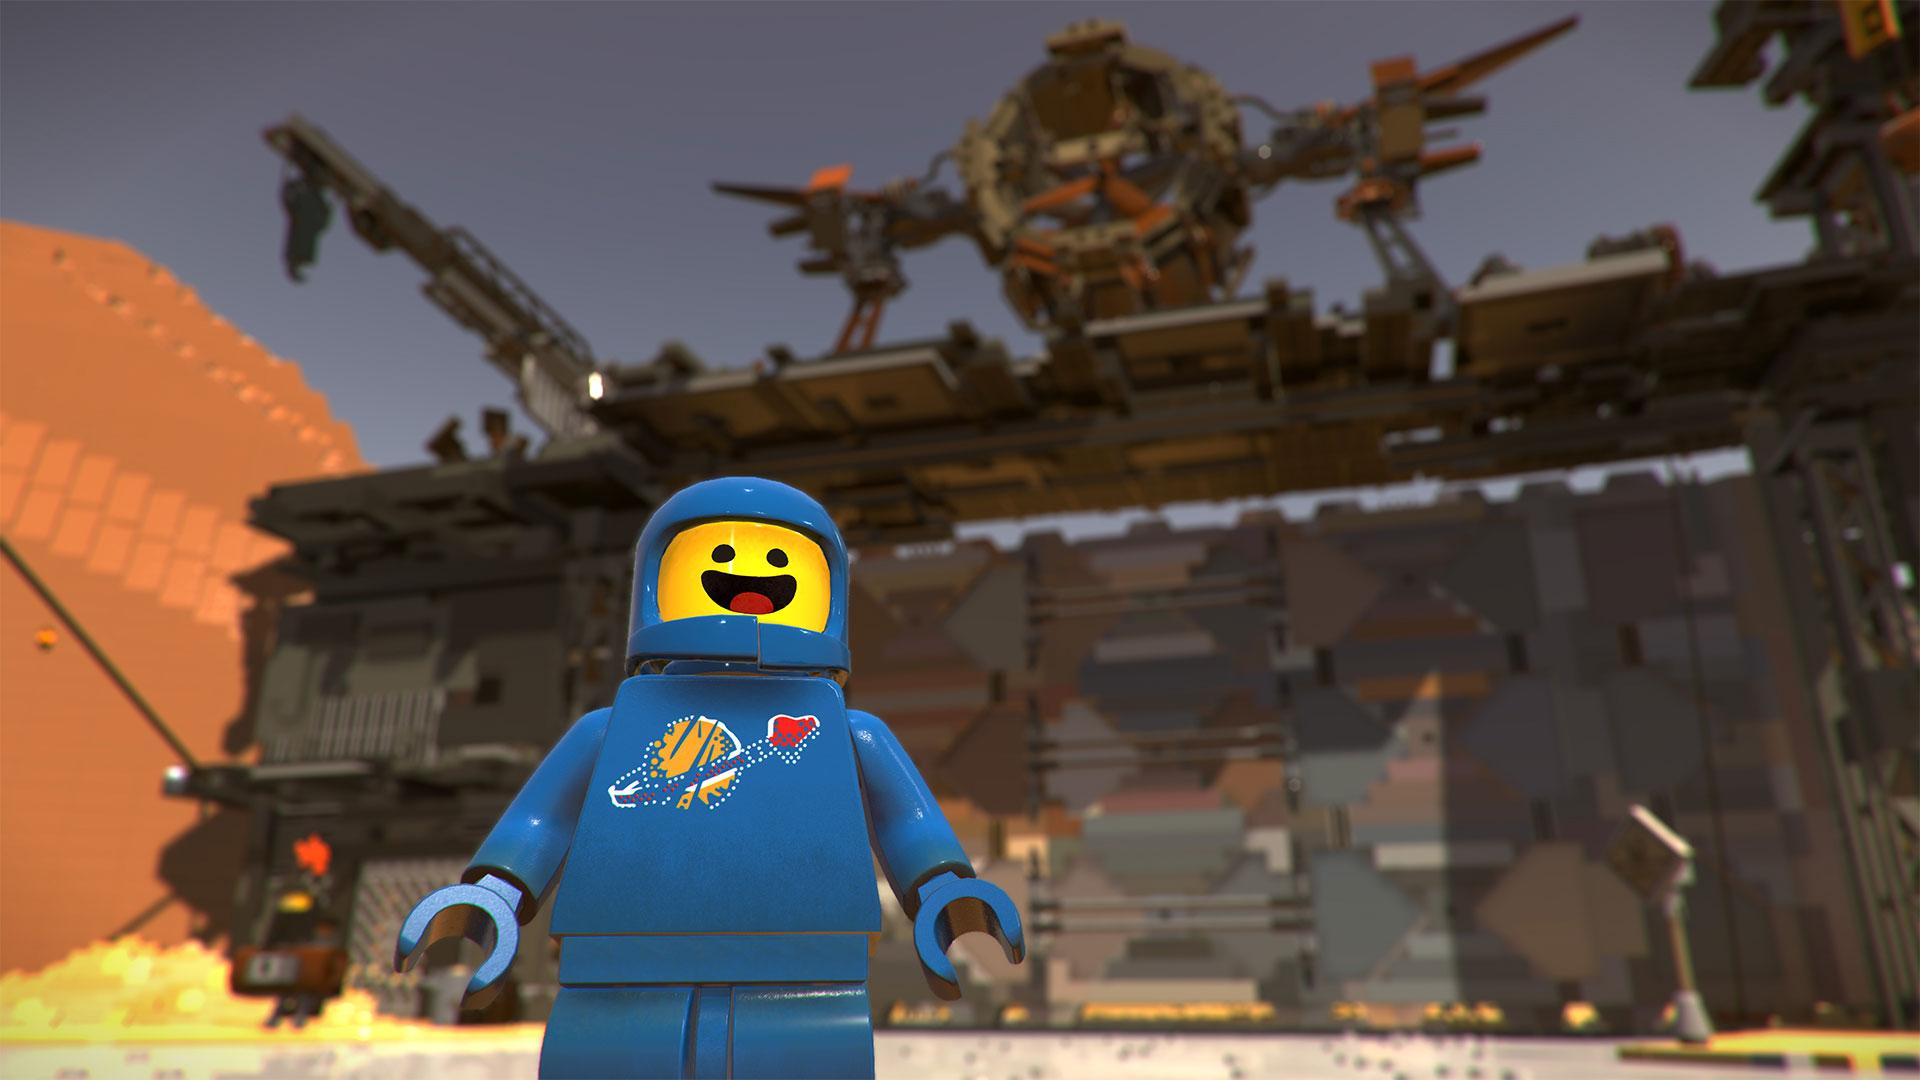 ЛЕГО: Игра по фильму 2 скриншот 3